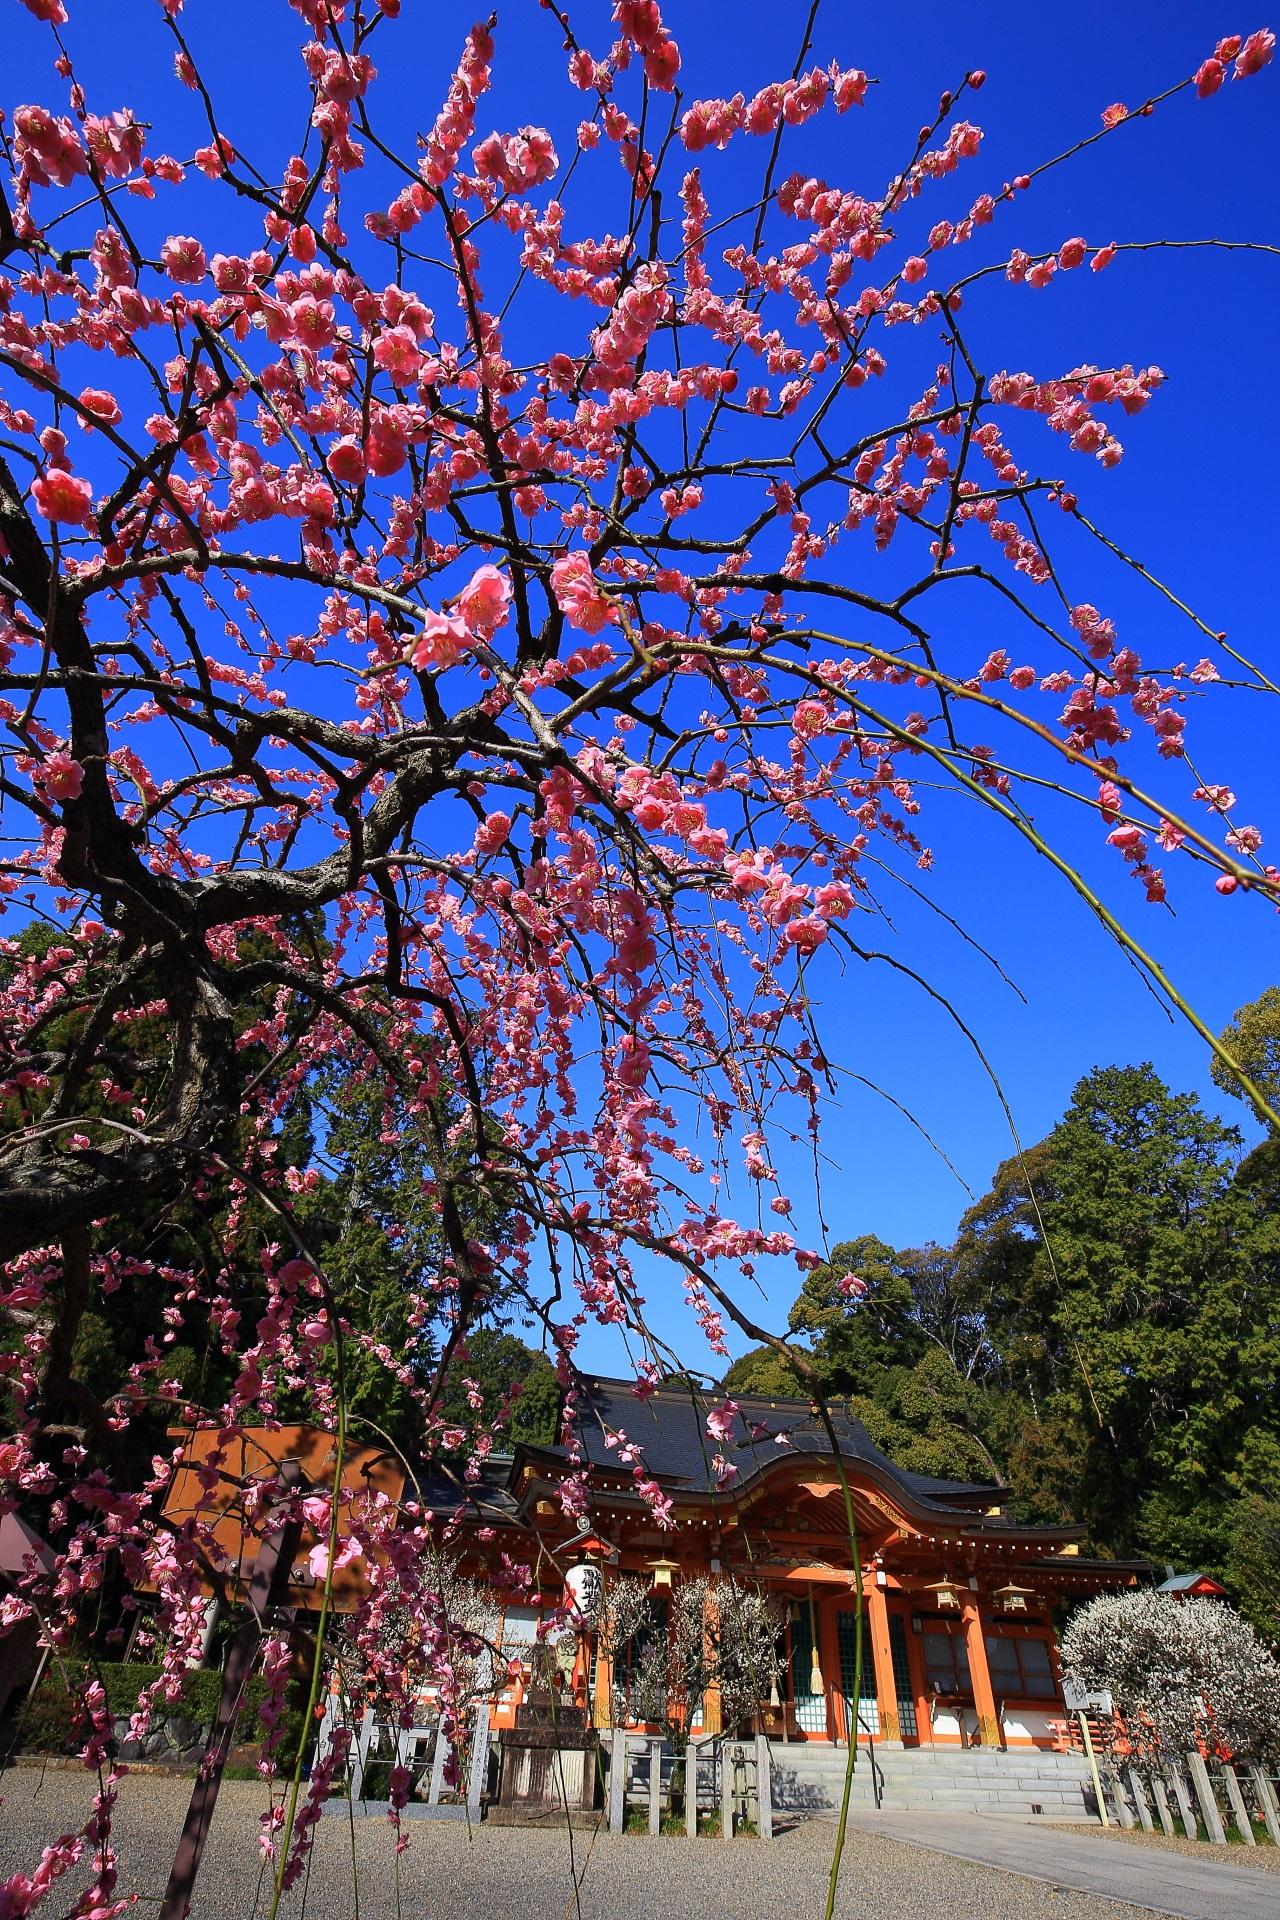 長岡天満宮の素晴らしい梅と春先の情景